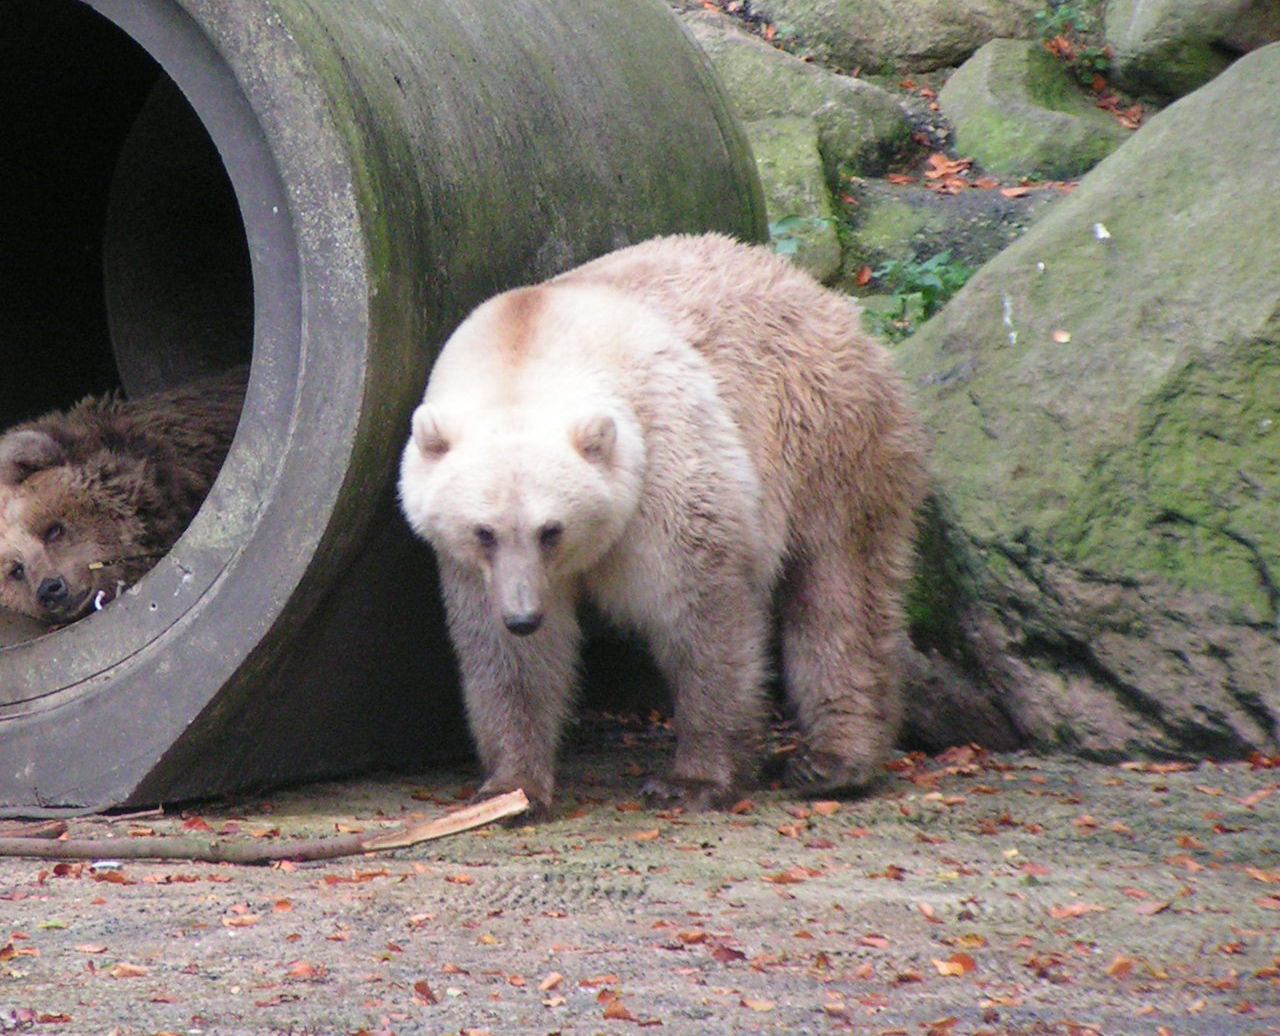 Pizzlybjörnar tros bli vanligare i framtiden